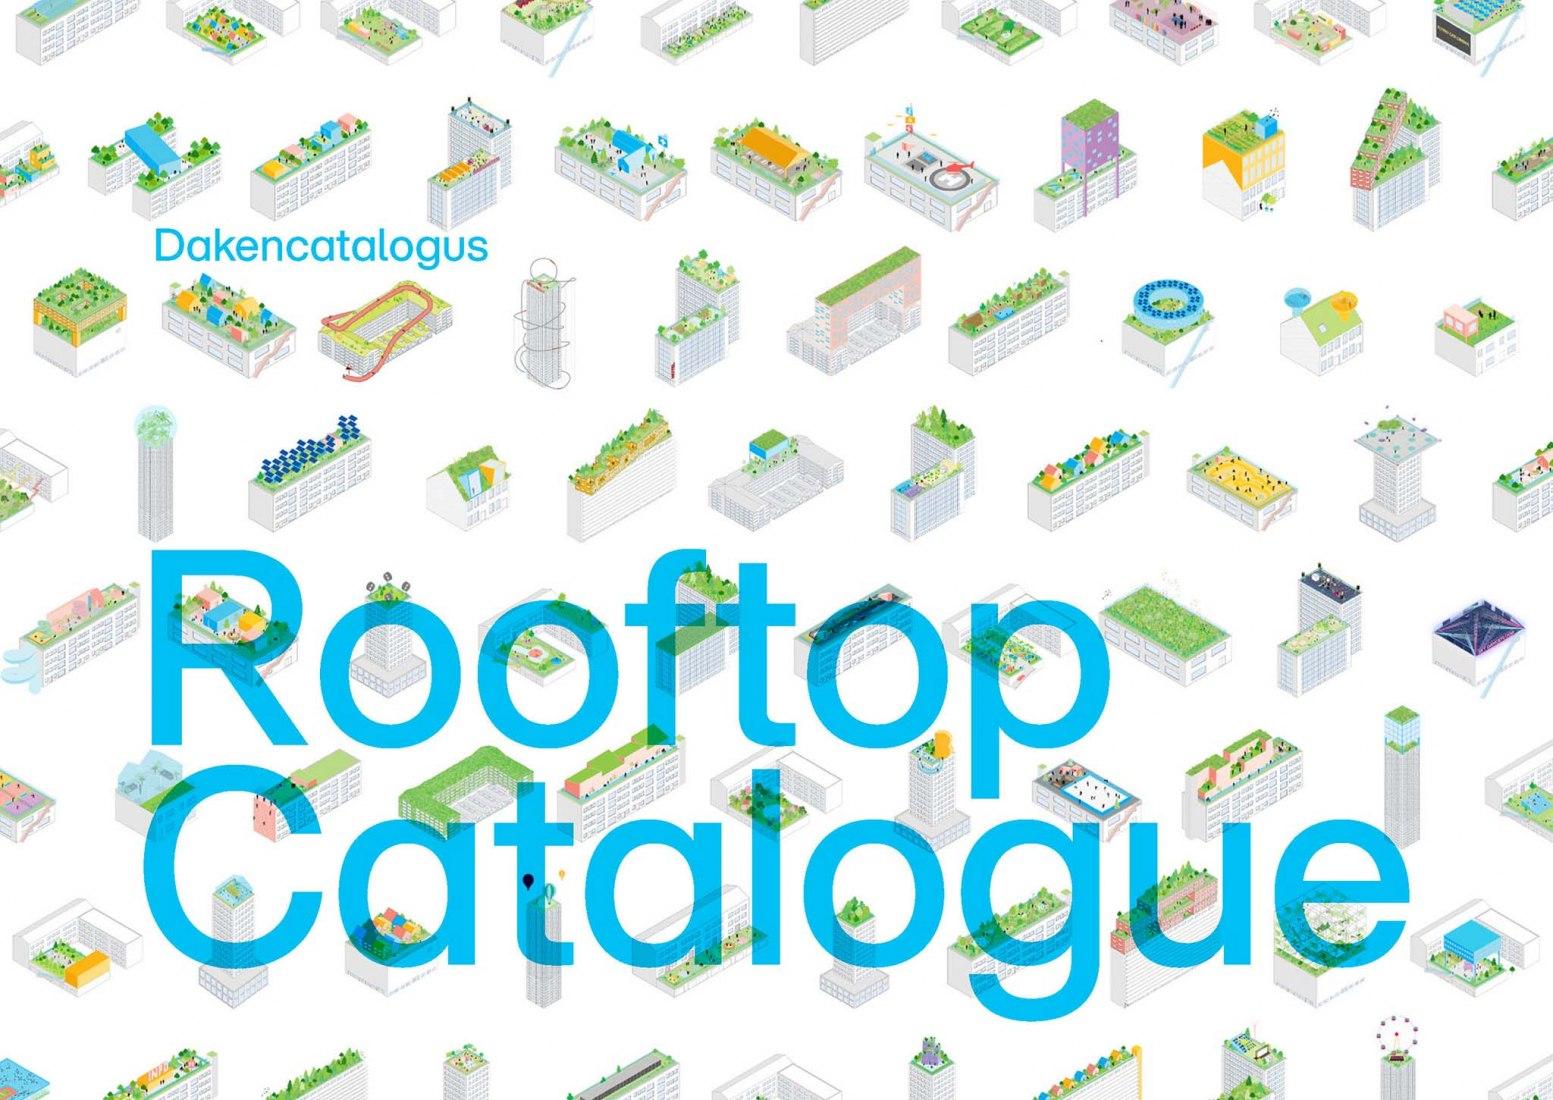 Catálogo de Cubiertas de Rotterdam para los Días de las Cubiertas de Rotterdam por MVRDV. Cortesía de MVRDV